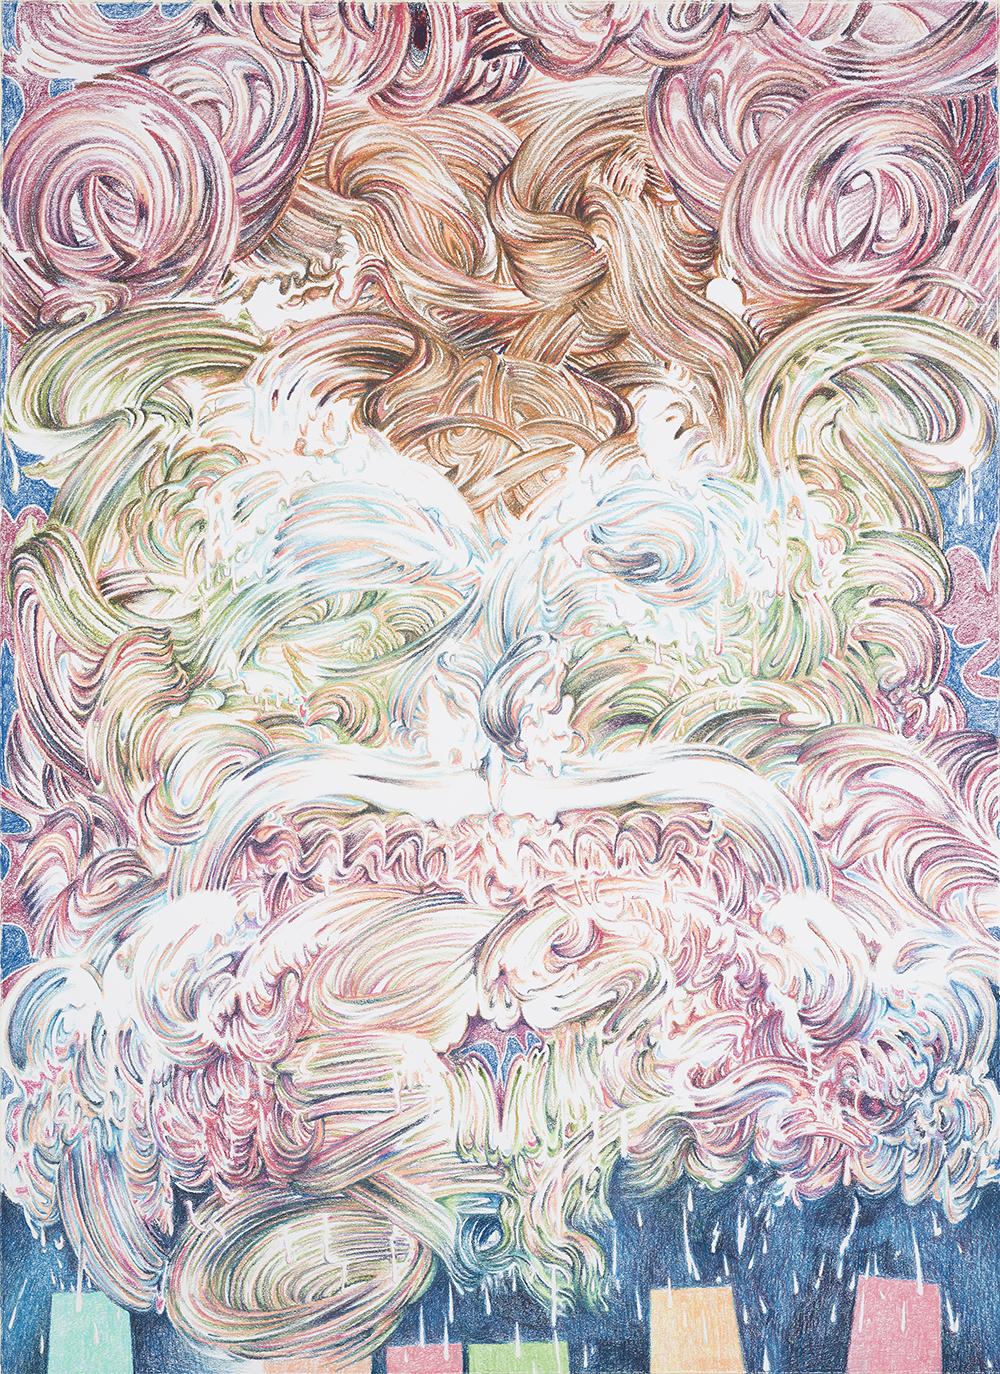 Paul McDevitt, King's Crown, 2017 (149 x 108,5cm).